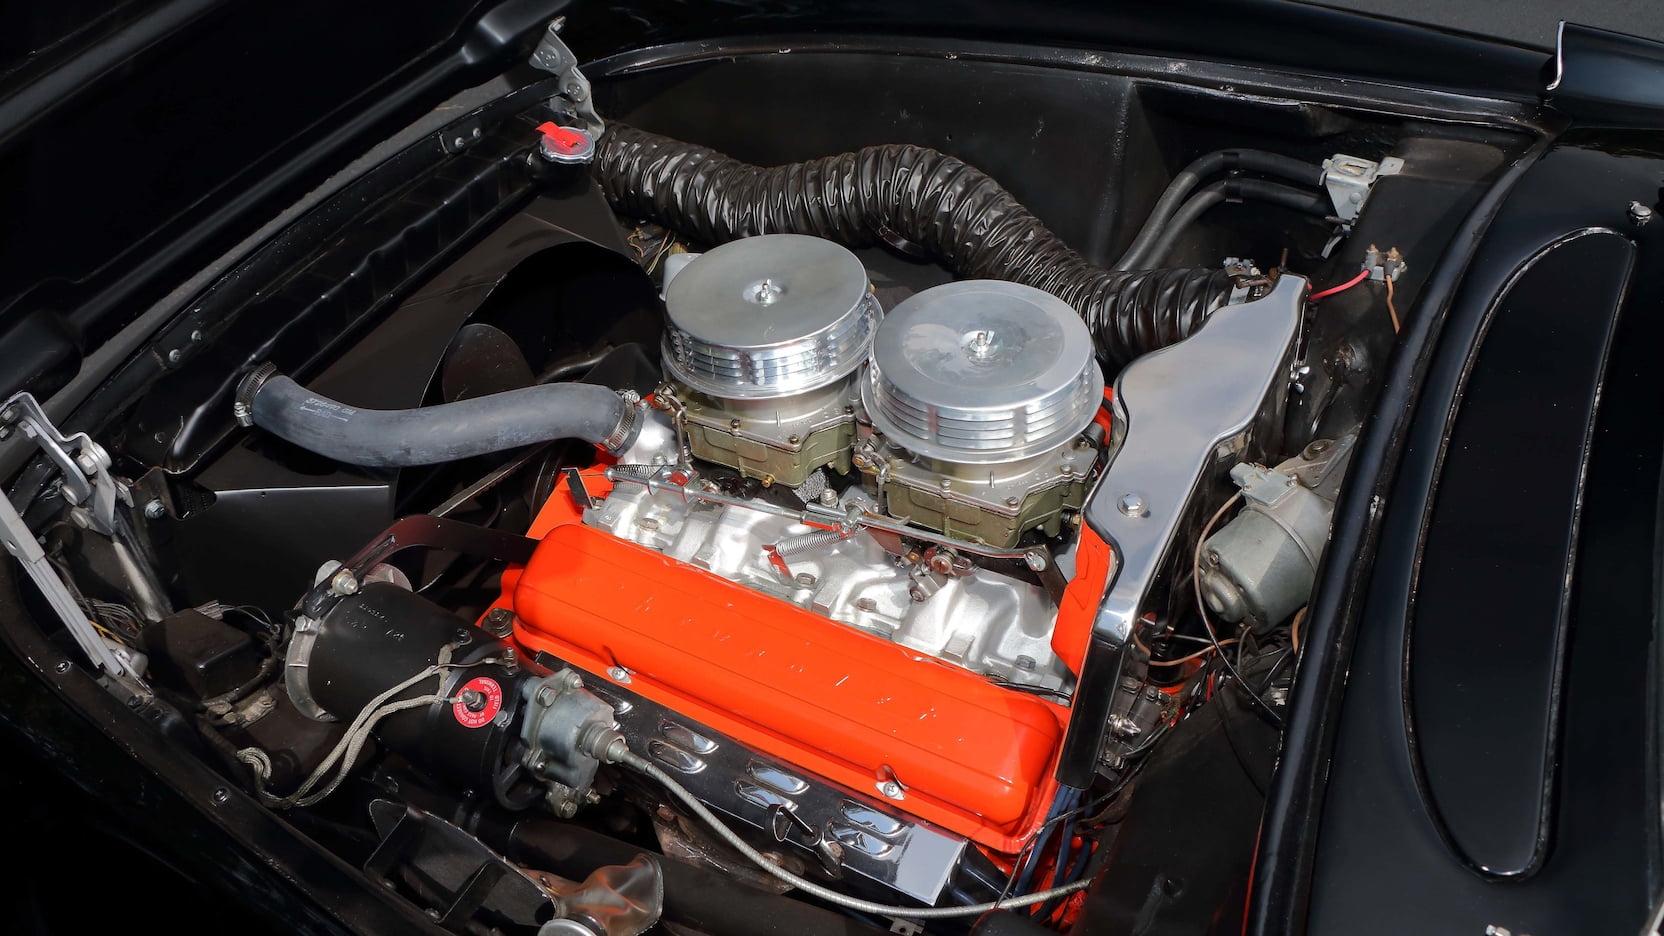 1965 Chevrolet Corvette 265 dual quad